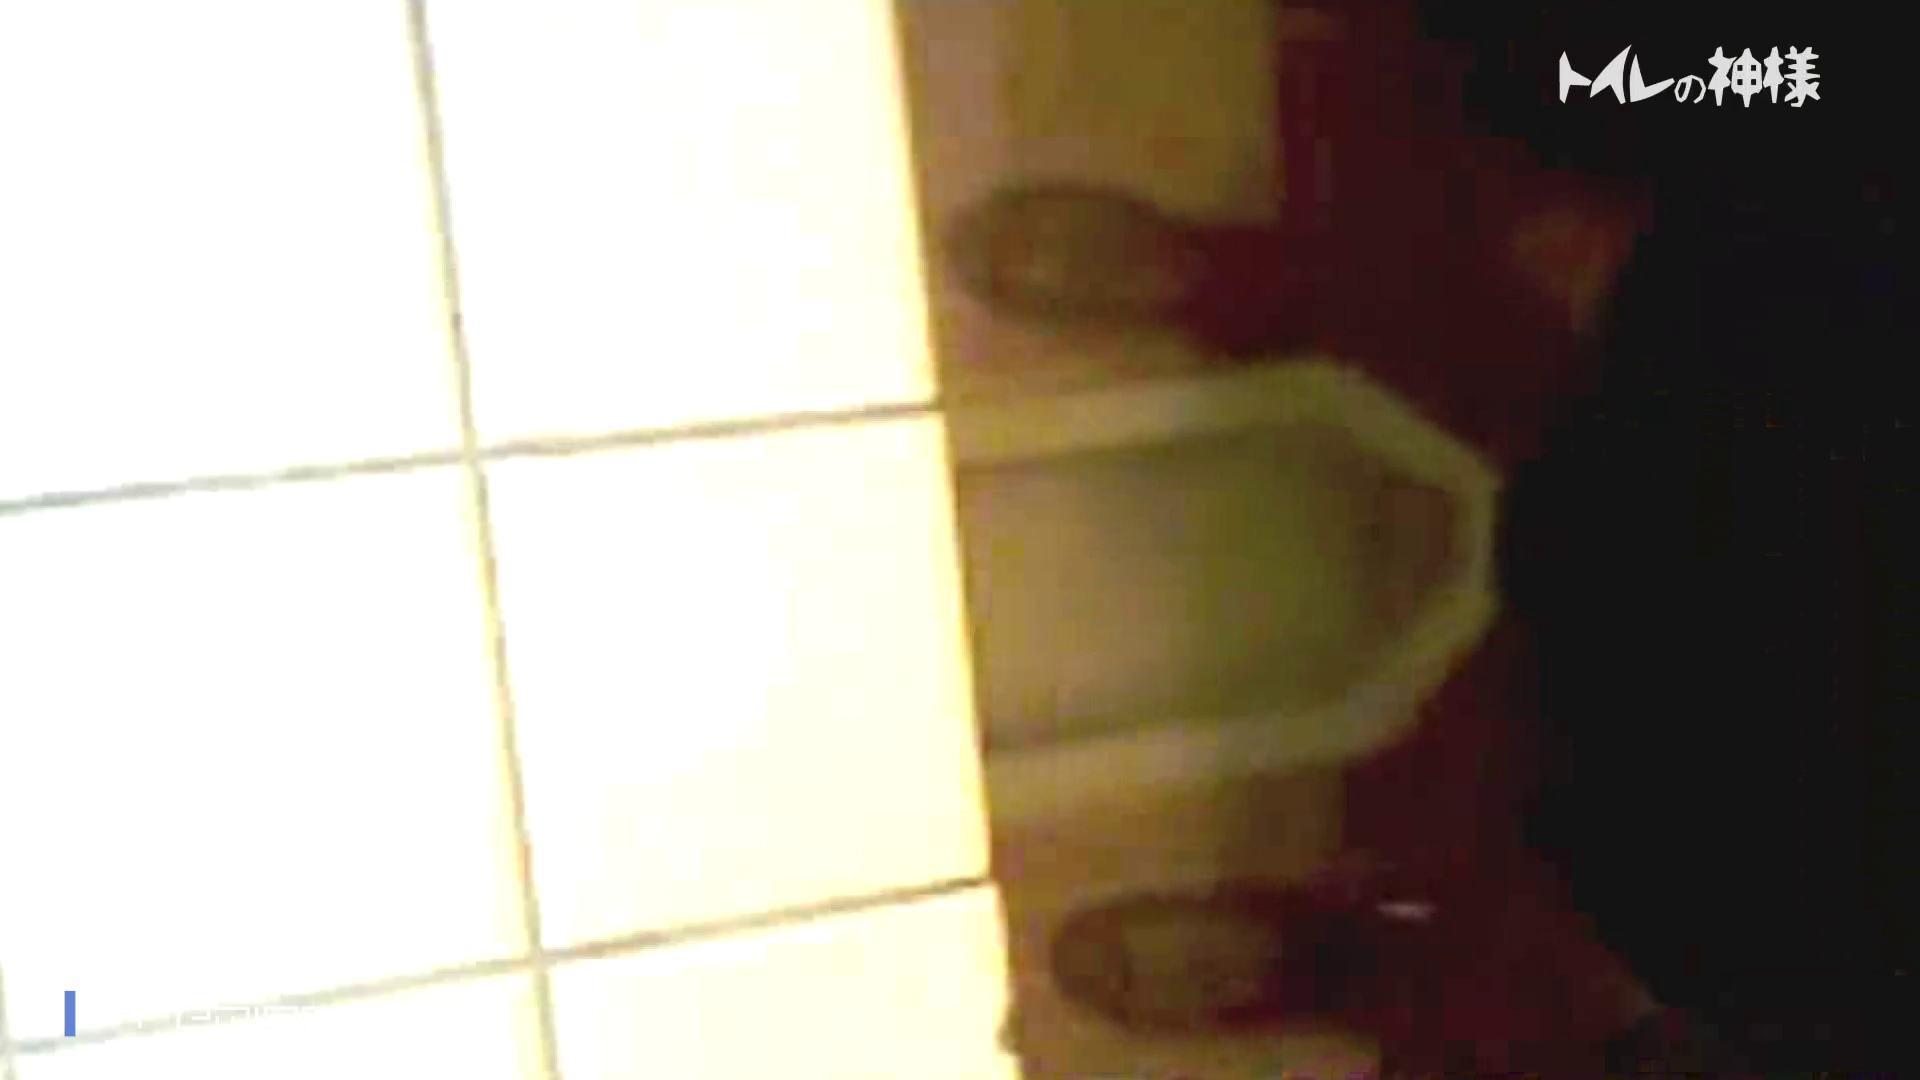 kyouko排泄 うんこをたくさん集めました。トイレの神様 Vol.14 排泄 エロ無料画像 92枚 29